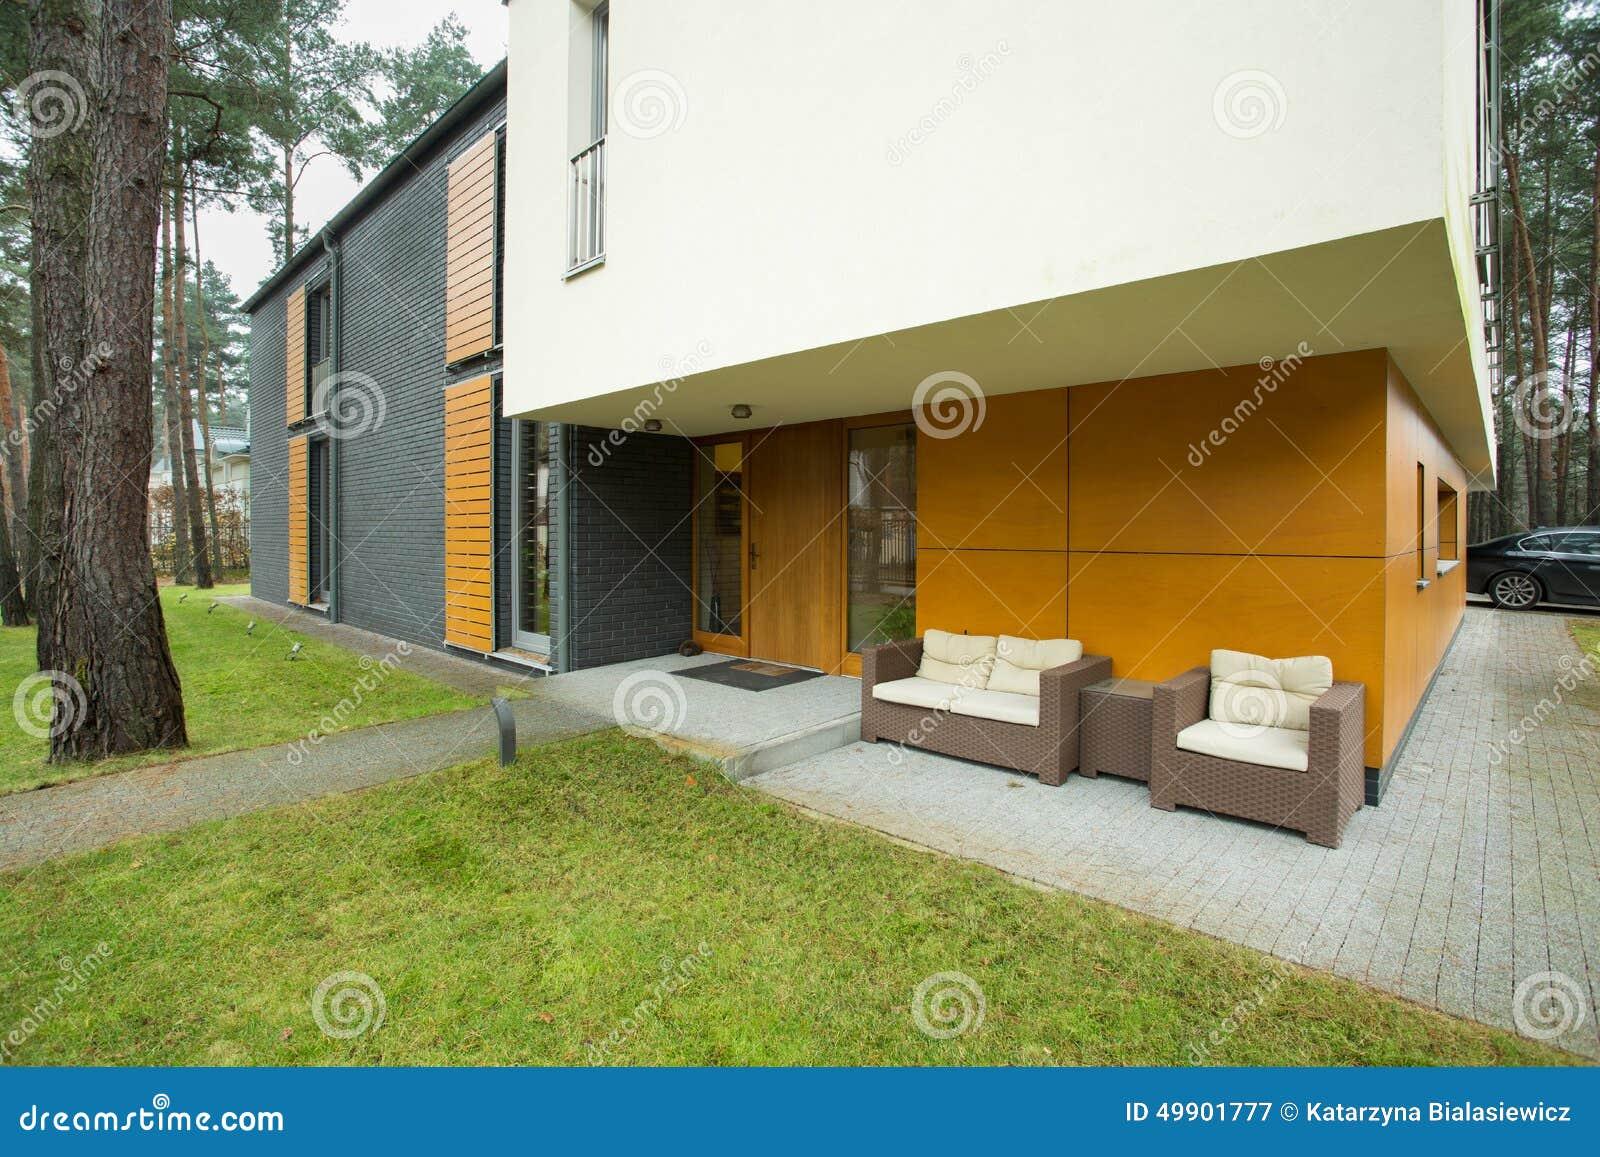 Amüsant Moderne Hauseingänge Ideen Von Pattern Moderner Eingang Stockbild. Bild Von ,